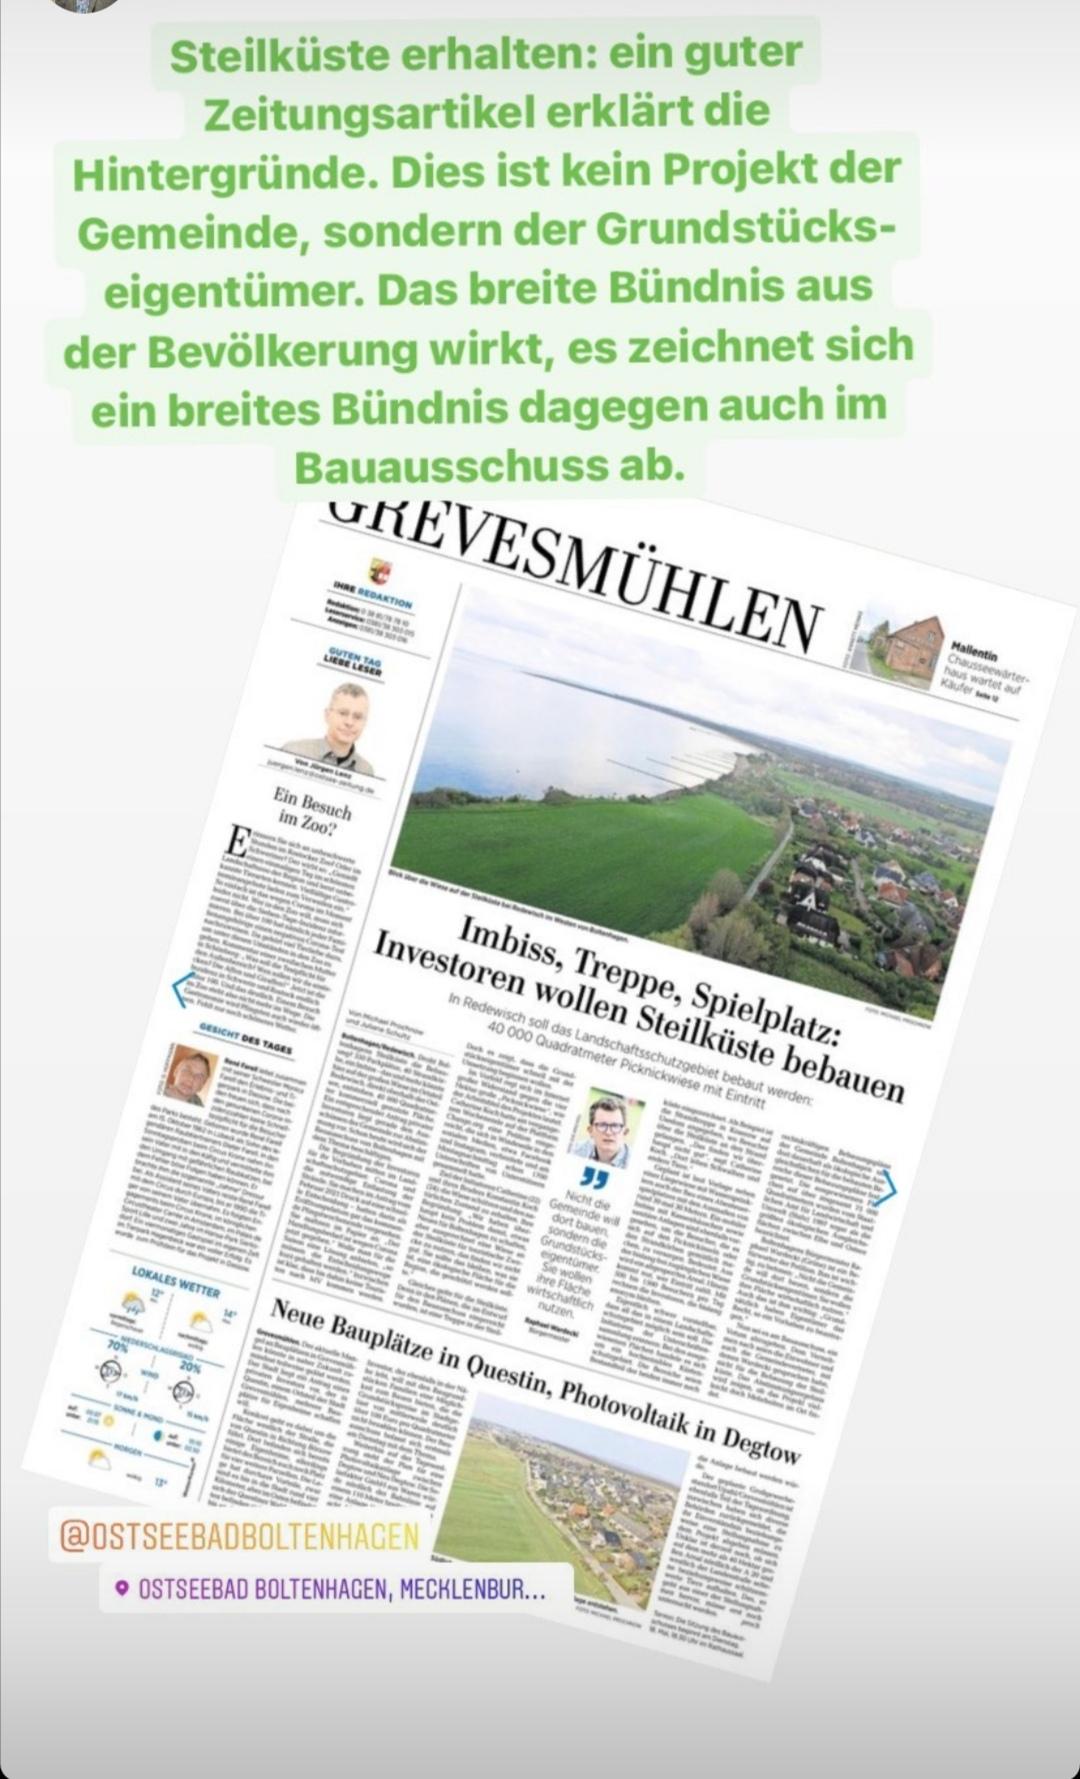 Die Steilküste Boltenhagen muss geschützt bleiben! Bürgermeister Raphael Wardecki befürwortet die Petition.